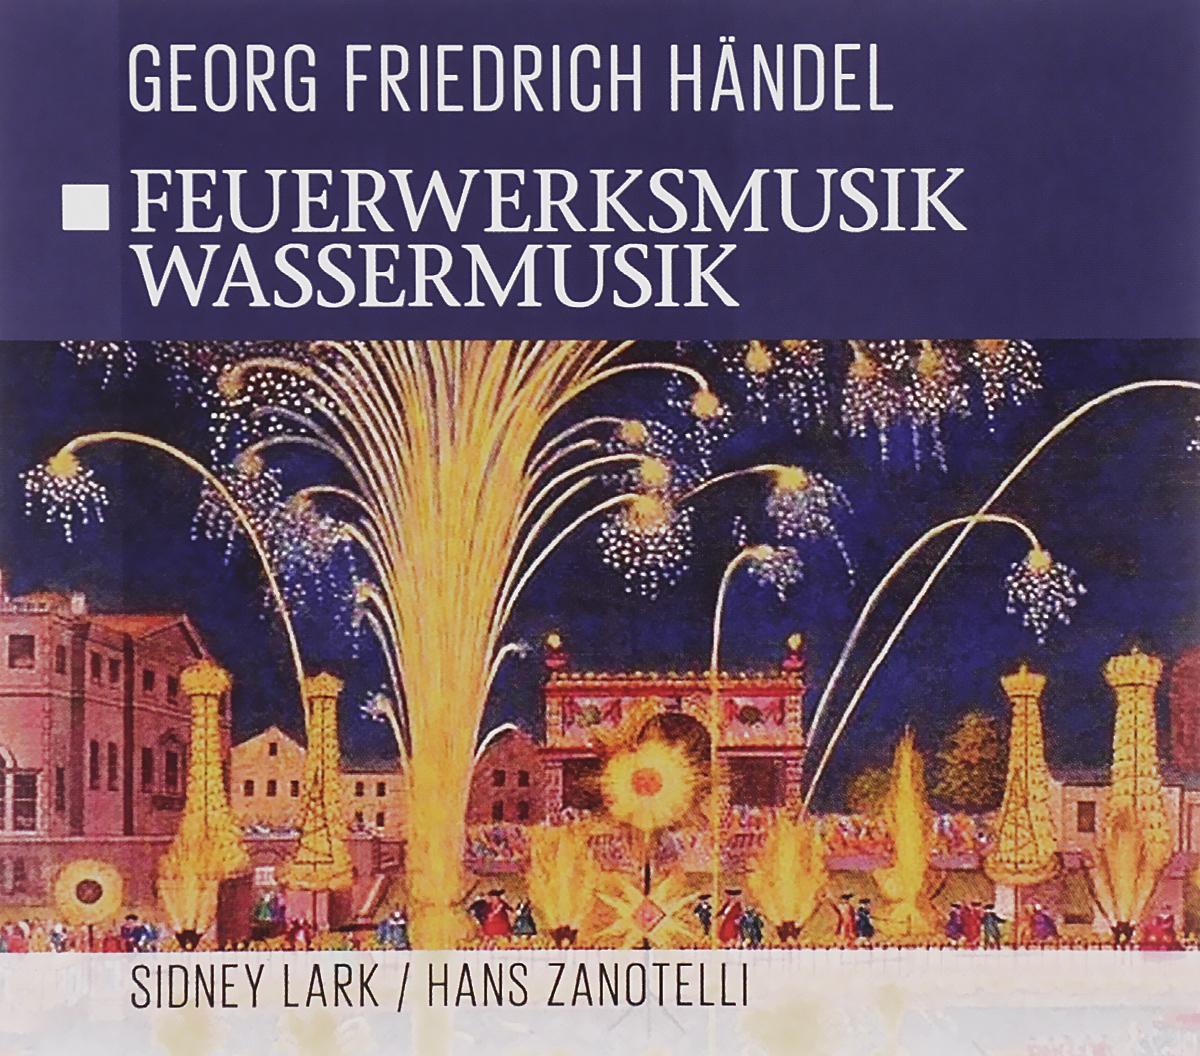 Georg Friedrich Handel. Feuerwerksmusik / Wassermusik